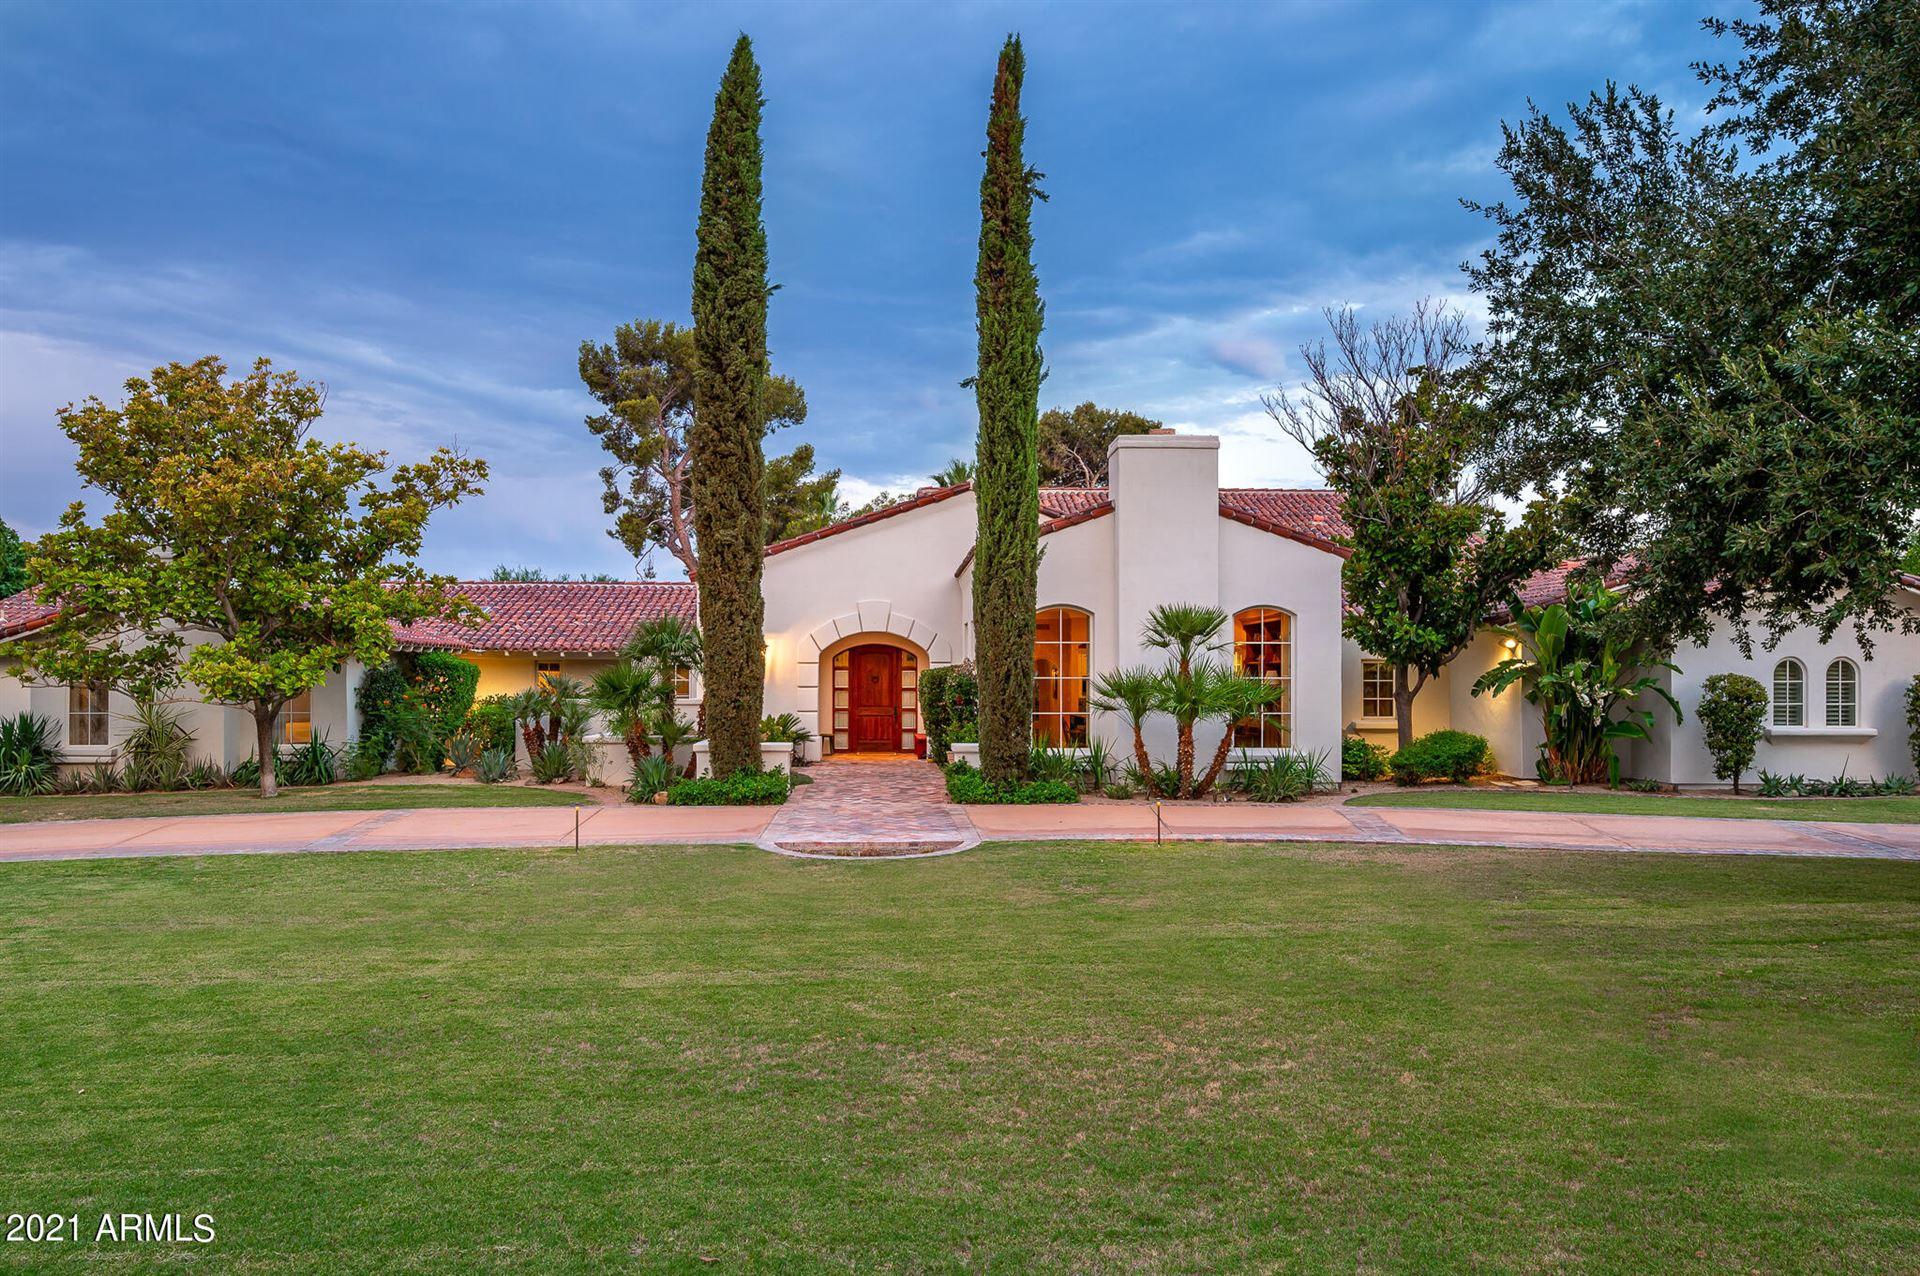 6701 N KASBA Circle, Paradise Valley, AZ 85253 - #: 6264241